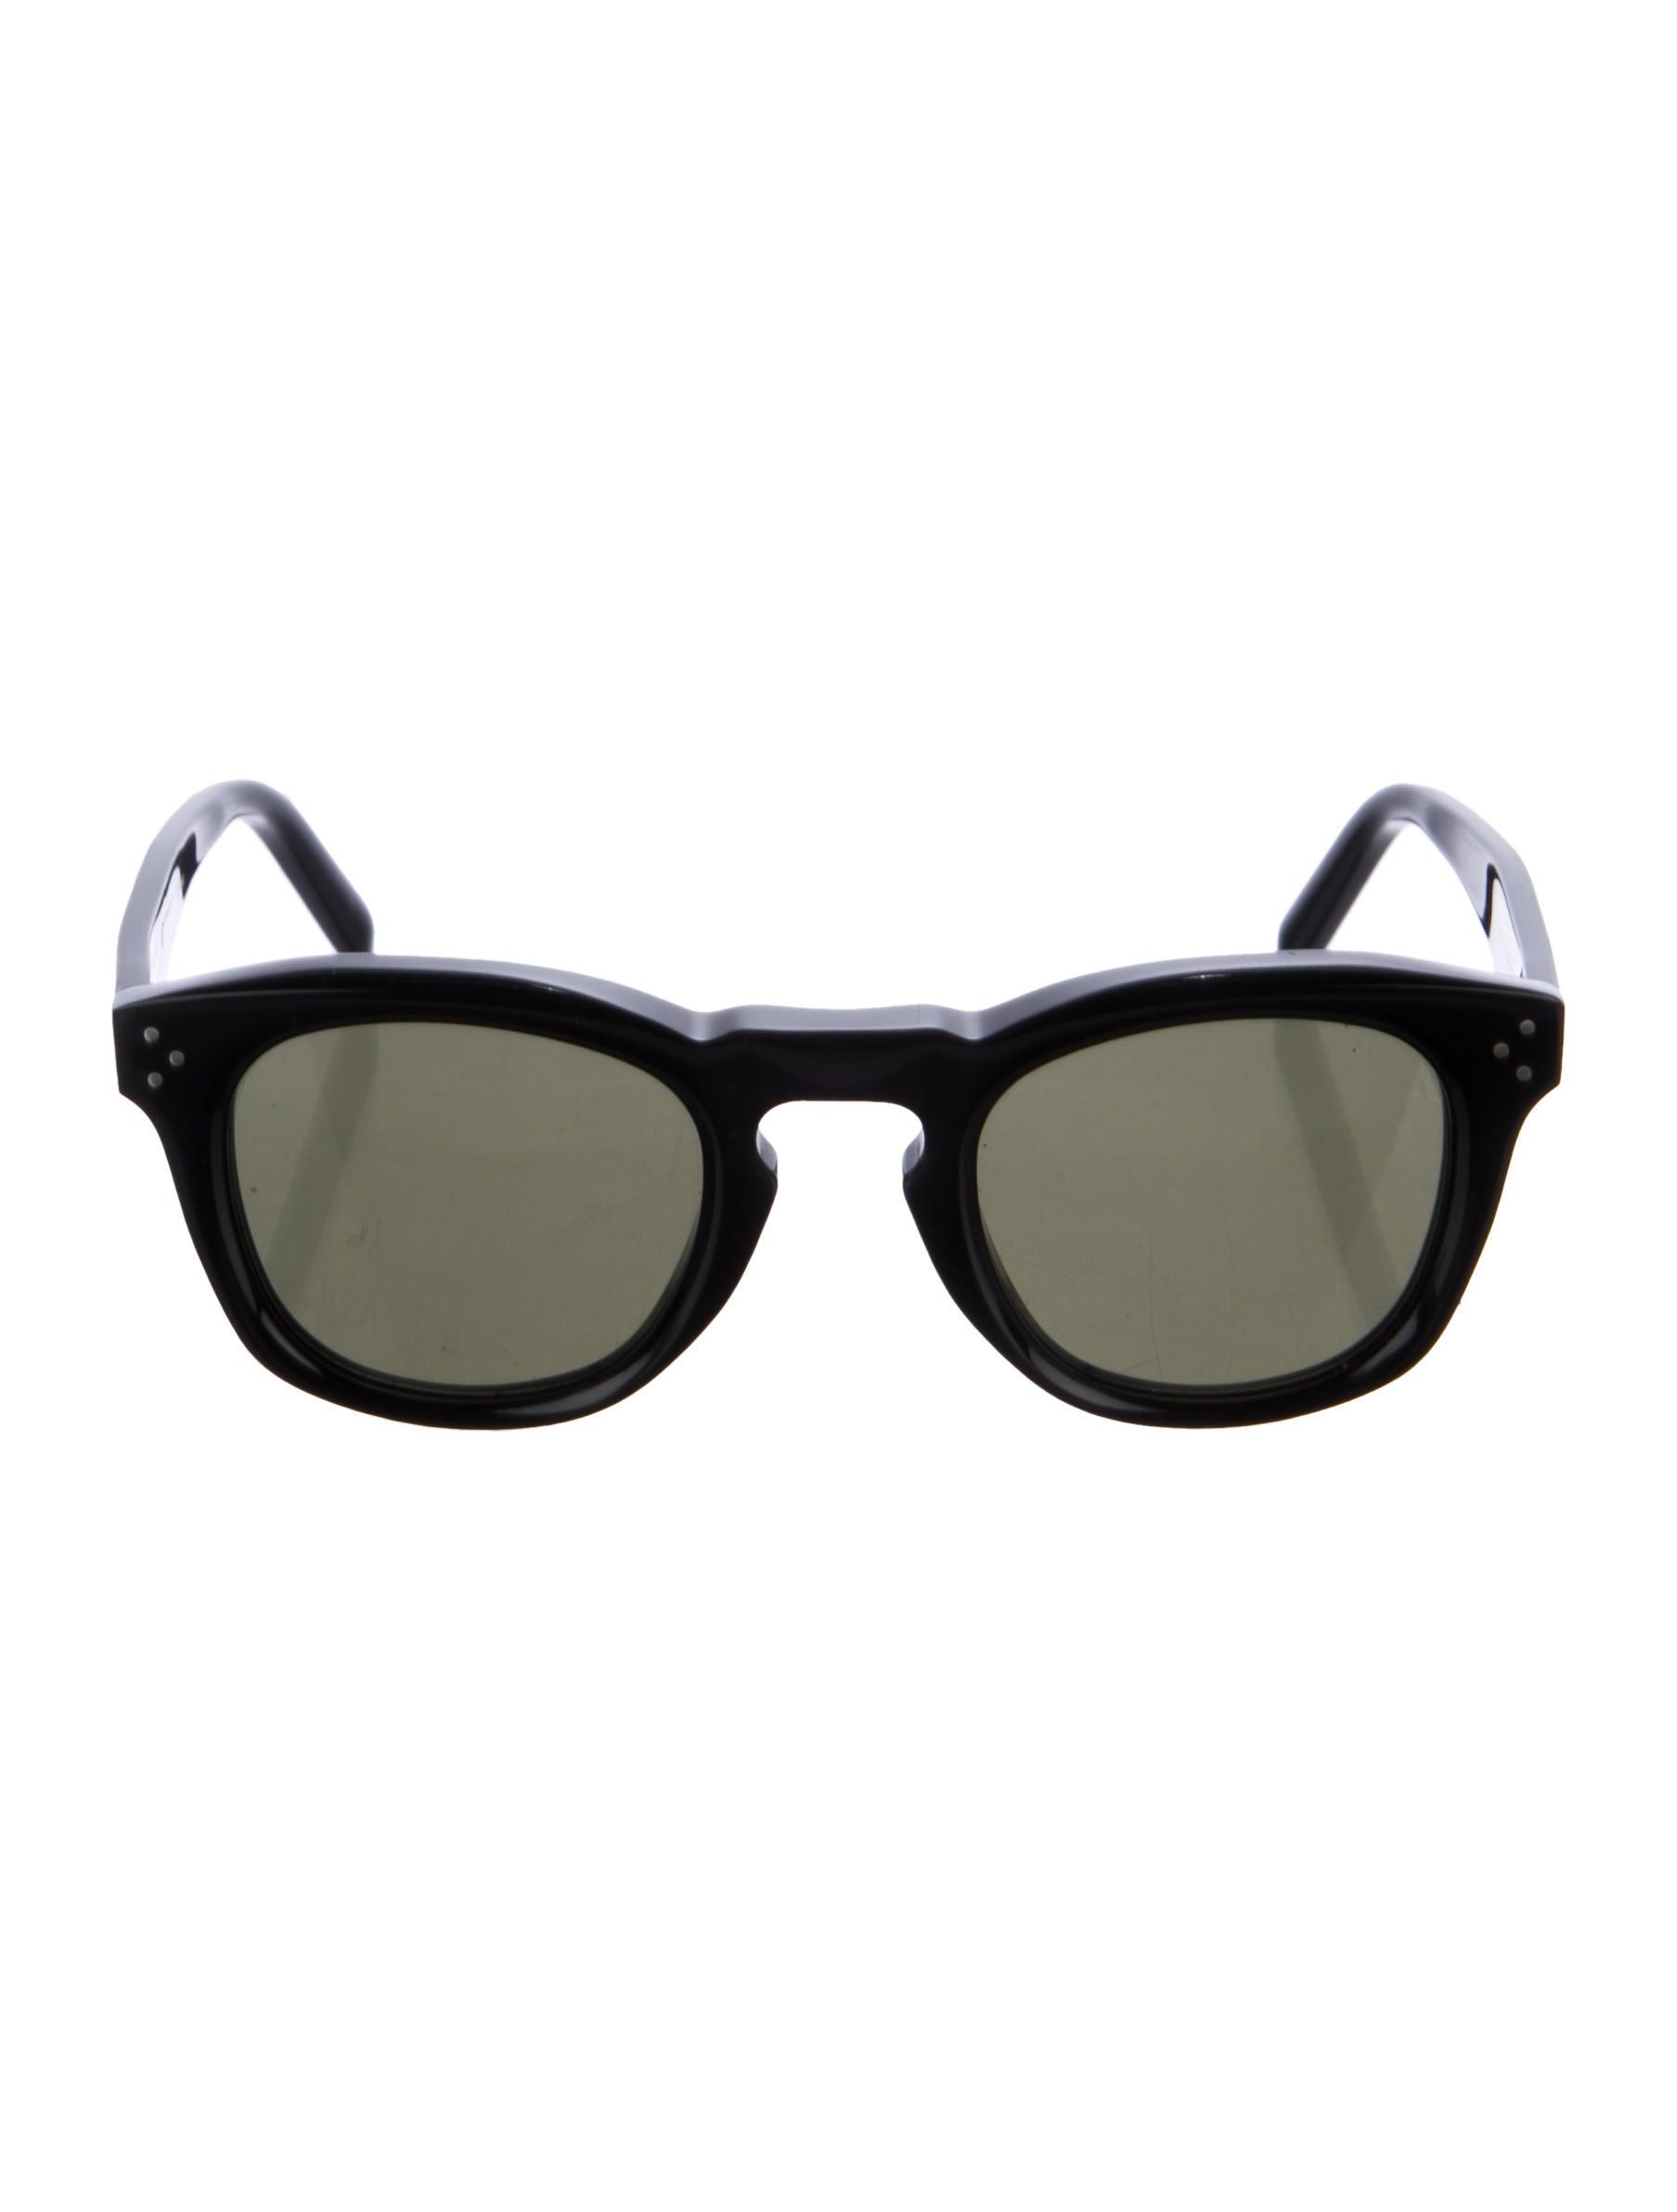 3b733c3b81de0 Celine Céline Bevel Square Sunglasses - Accessories - CEL58349